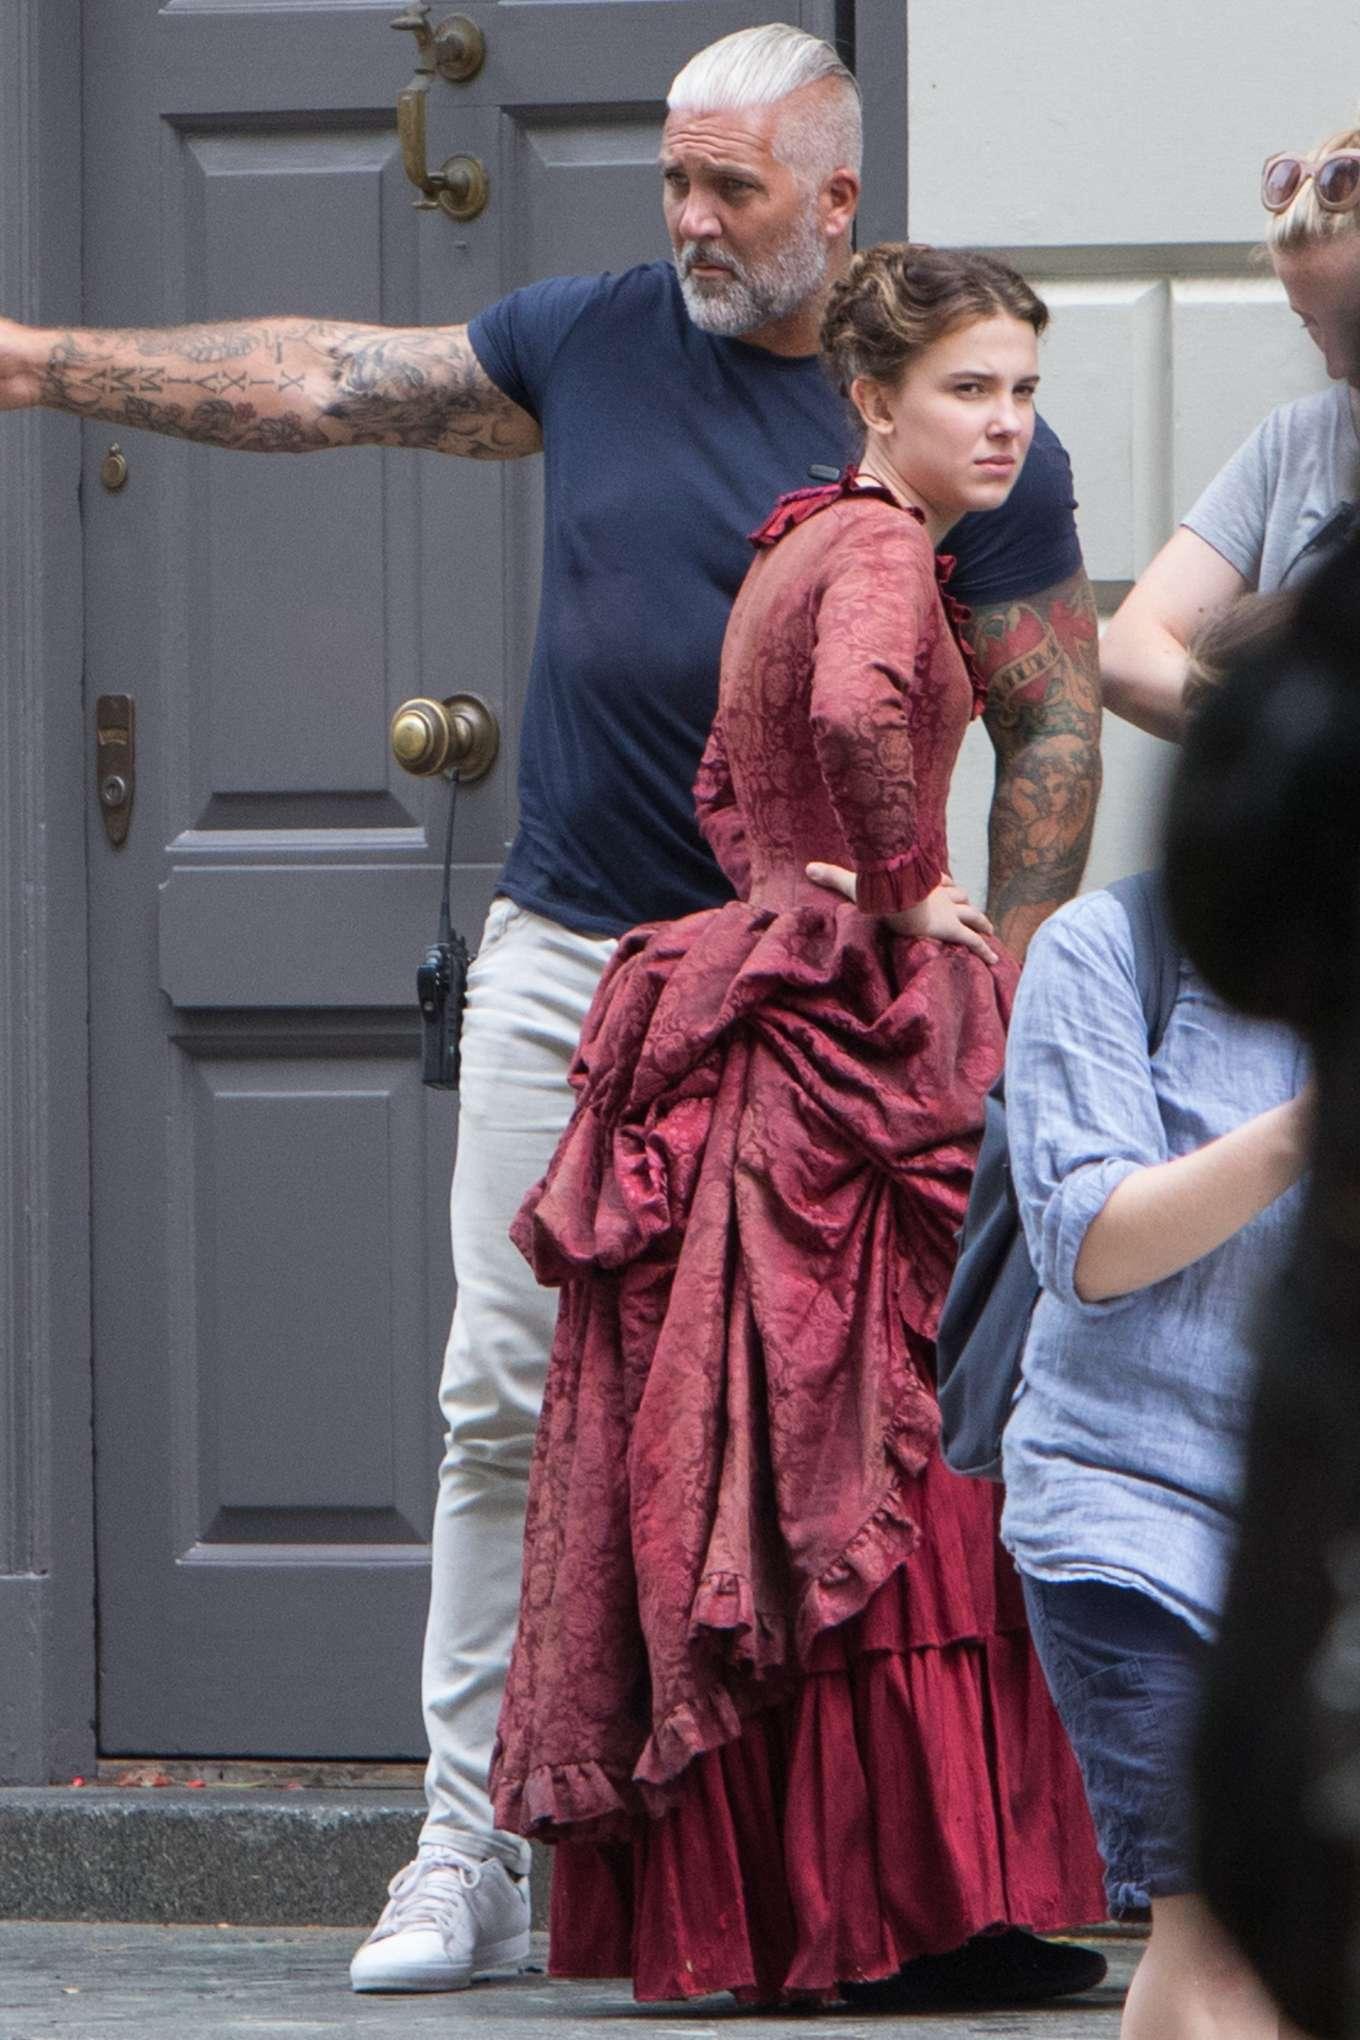 外媒在《Enola Holmes》拍攝現場拍到Millie Bobby Brown身穿傳統英式禮服,看來戲服亦是劇集的焦點所在。